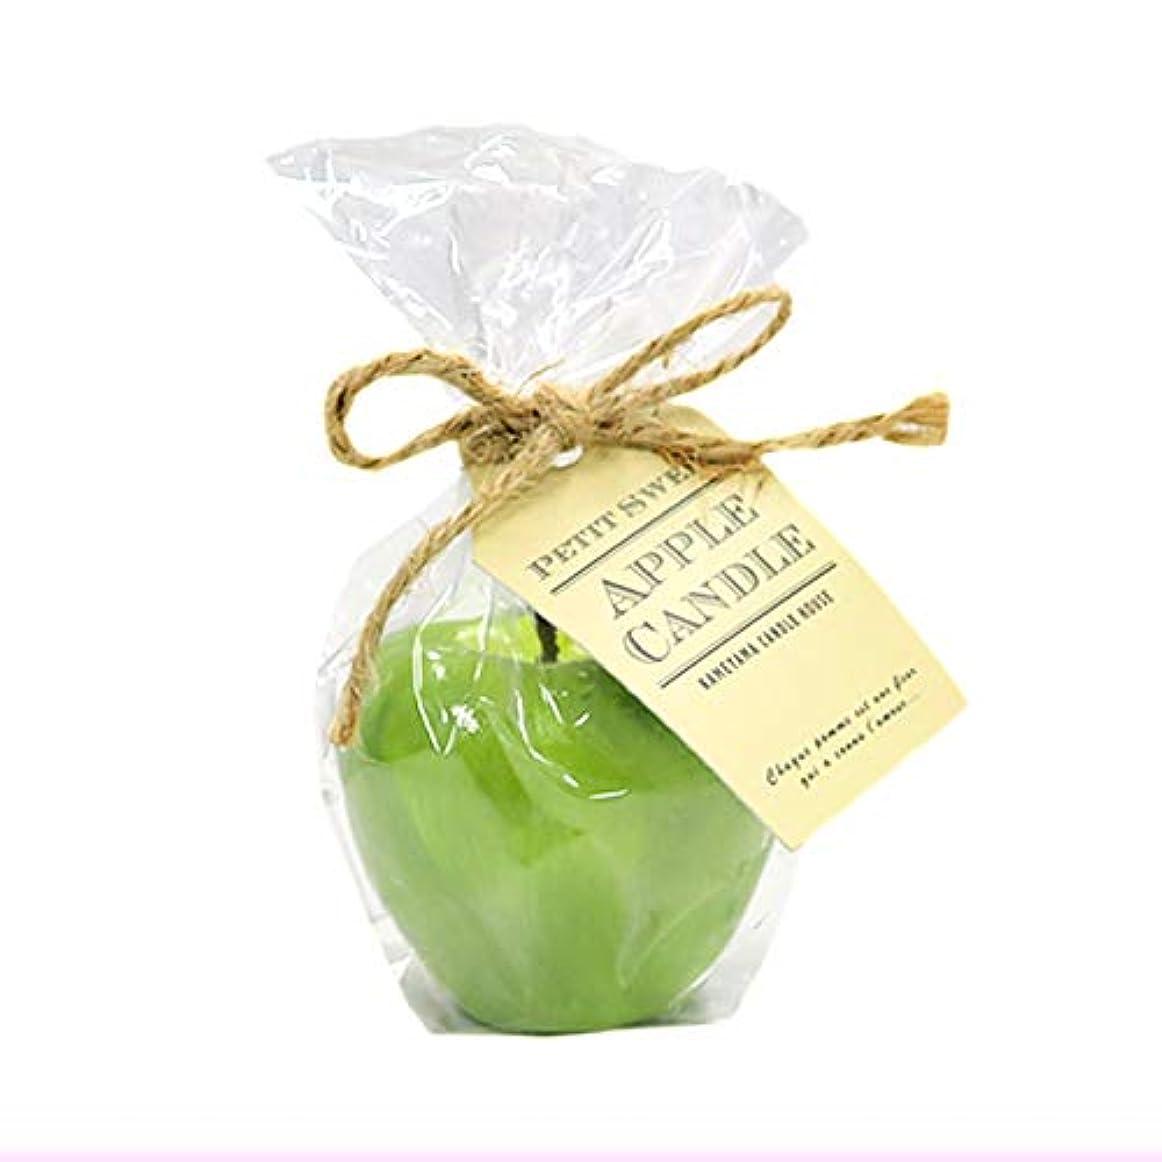 品揃えあなたのもの首謀者カメヤマキャンドルハウス プチスイートアップルフローティングキャンドル グリーン アップルの香りつき